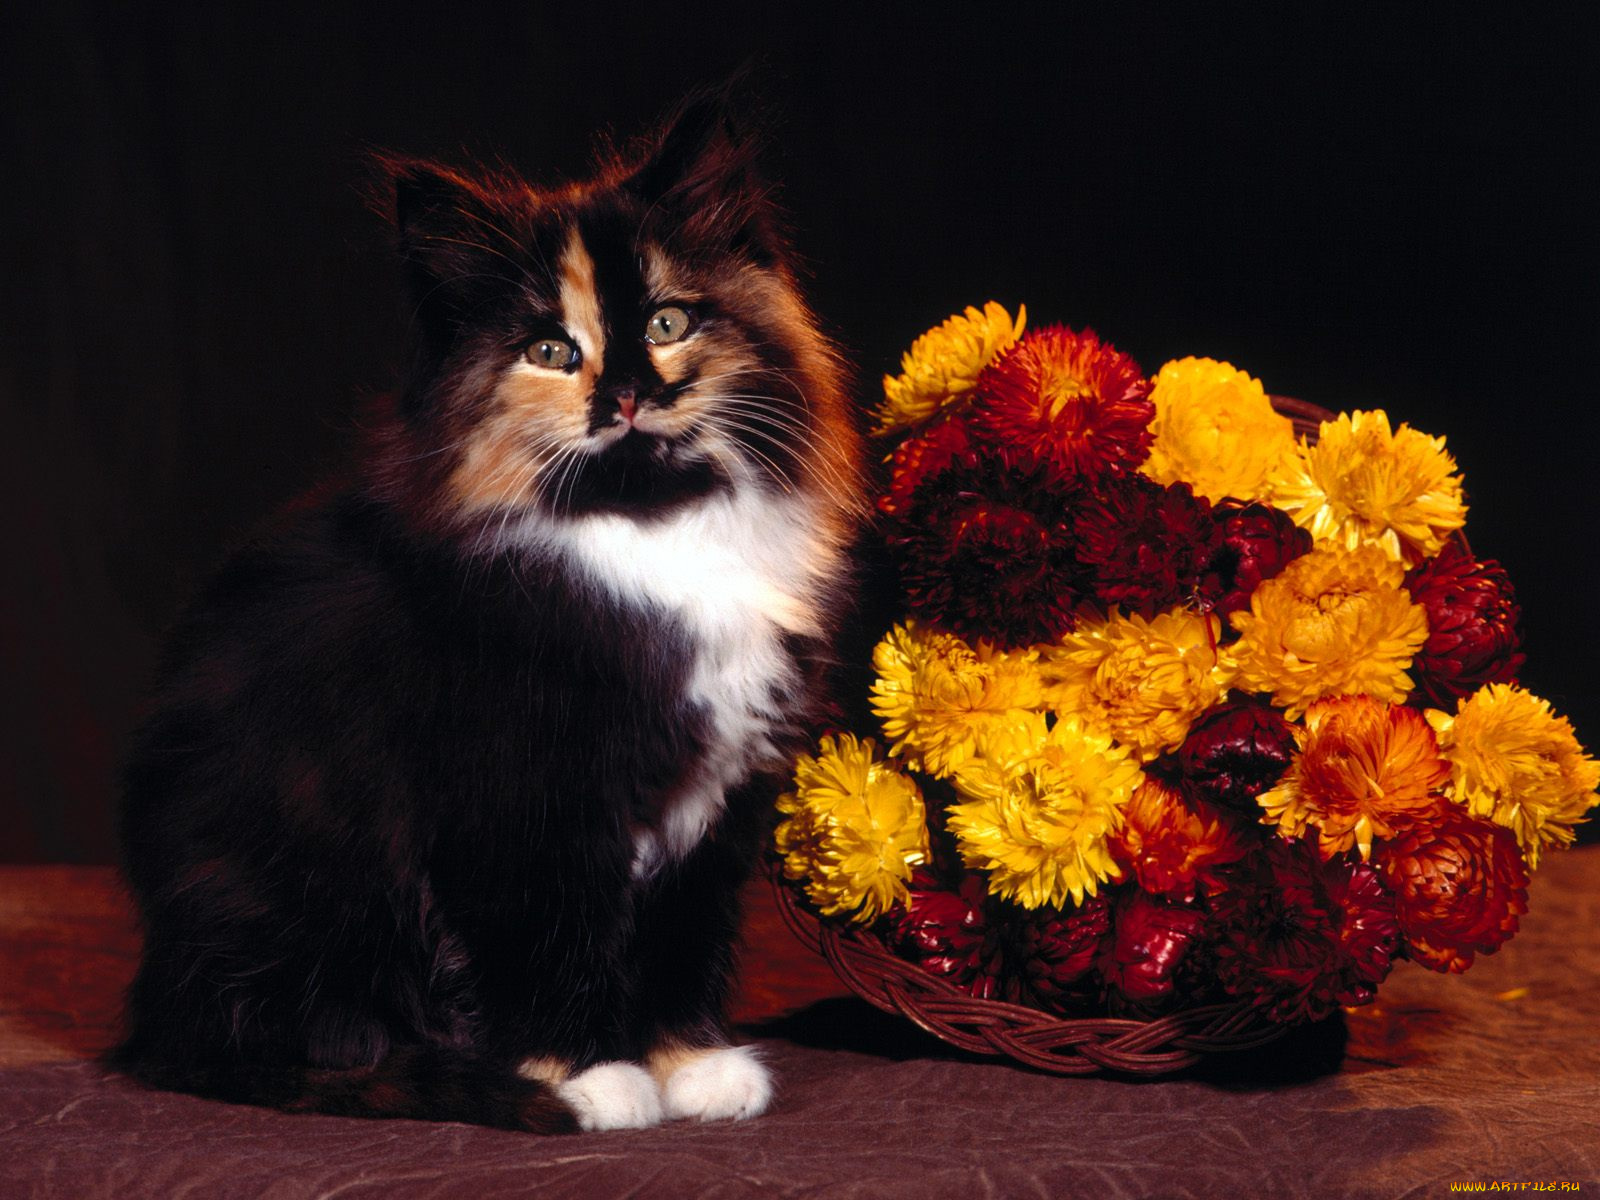 Кот с букетом открытка, мой день картинки